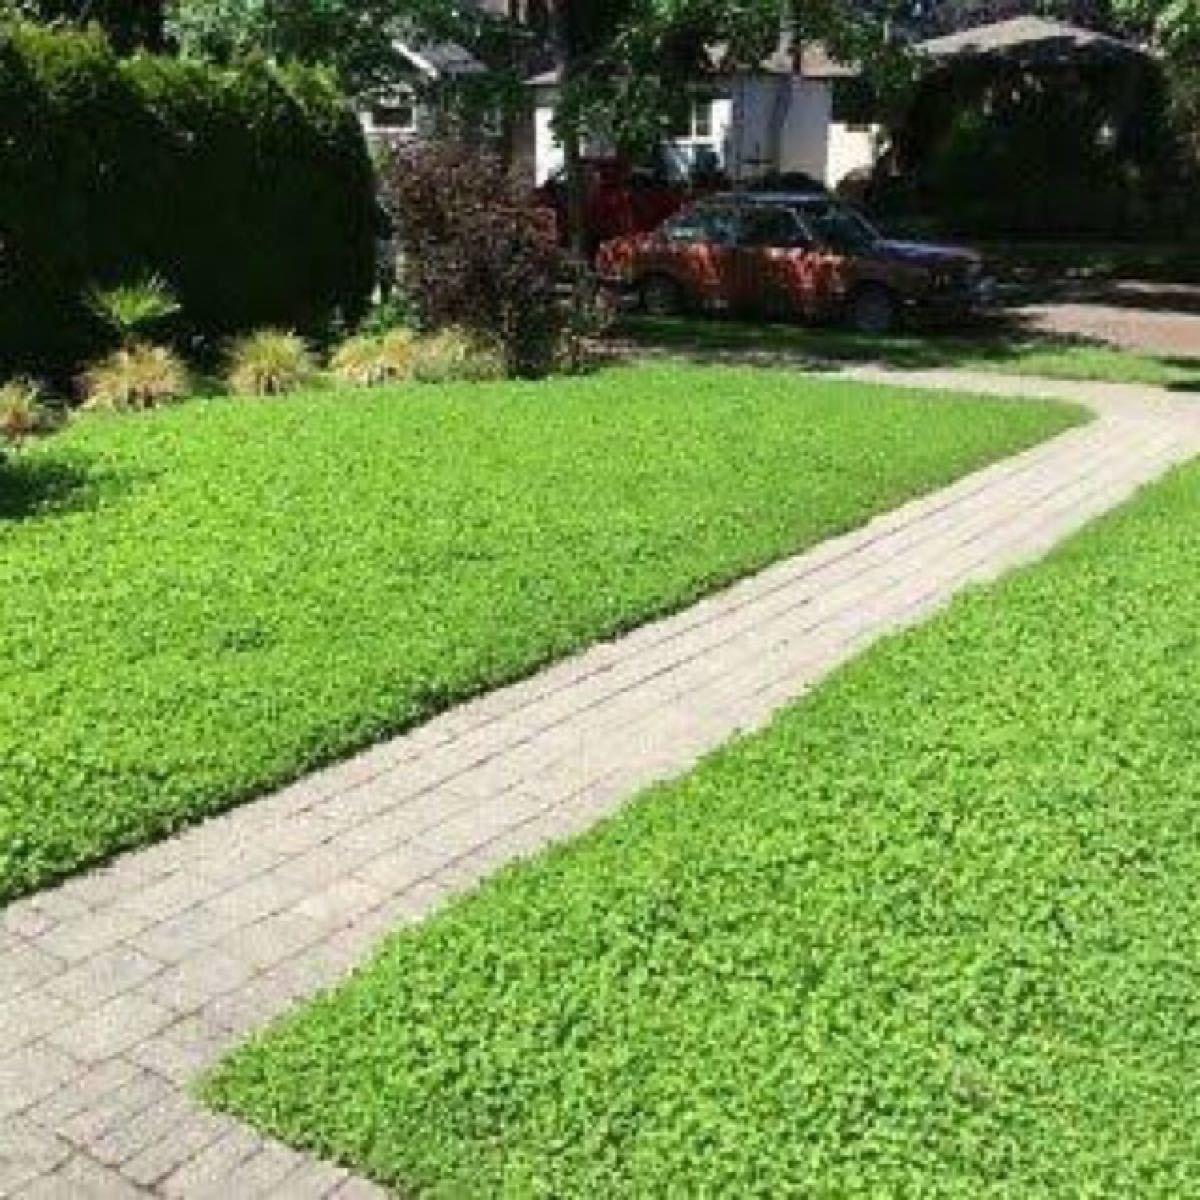 【最安値】ディコンドラ、ダイカンドラ400g種子。お洒落なグランドカバー、芝生へ